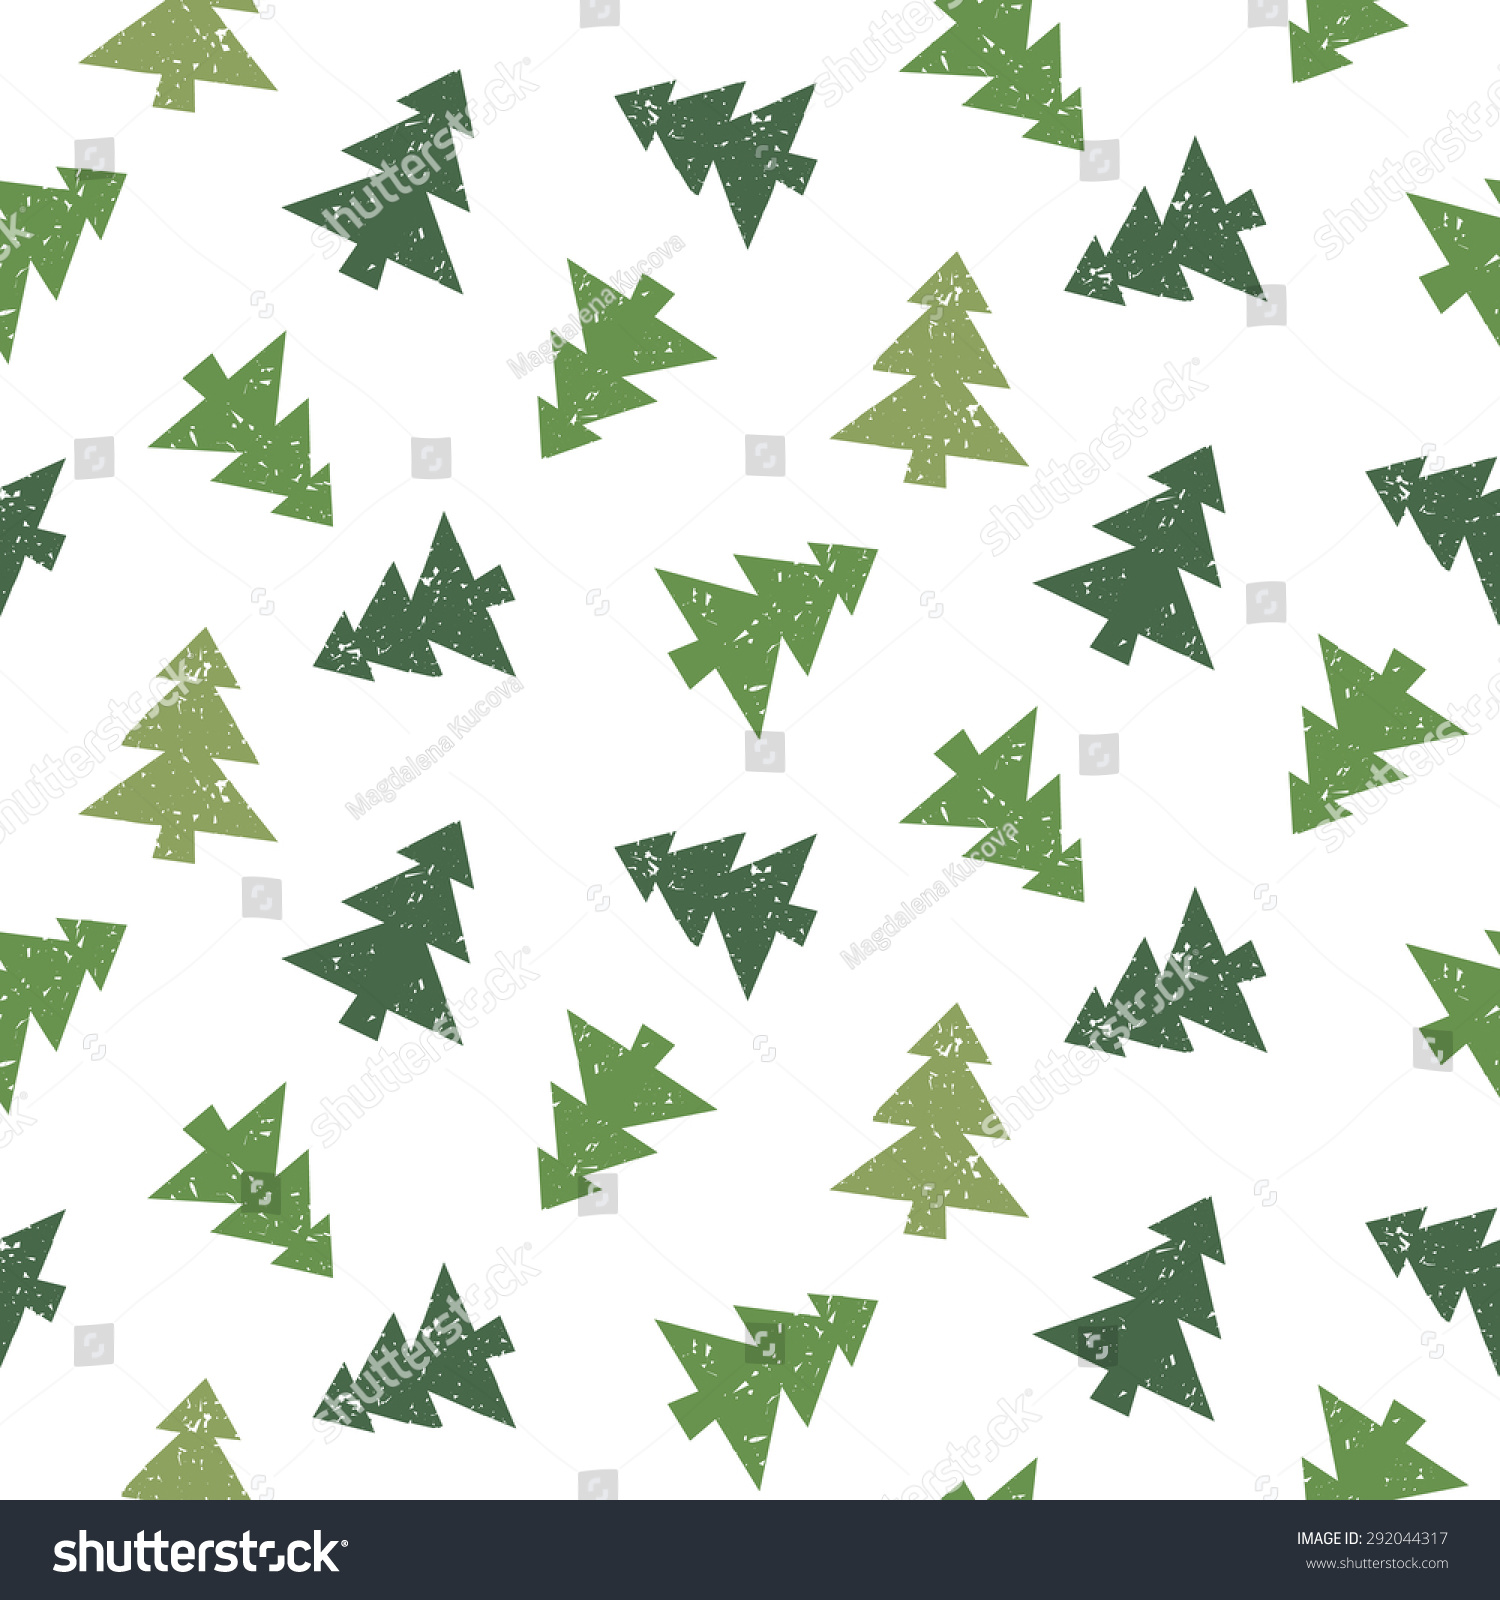 圣诞树向量无缝模式